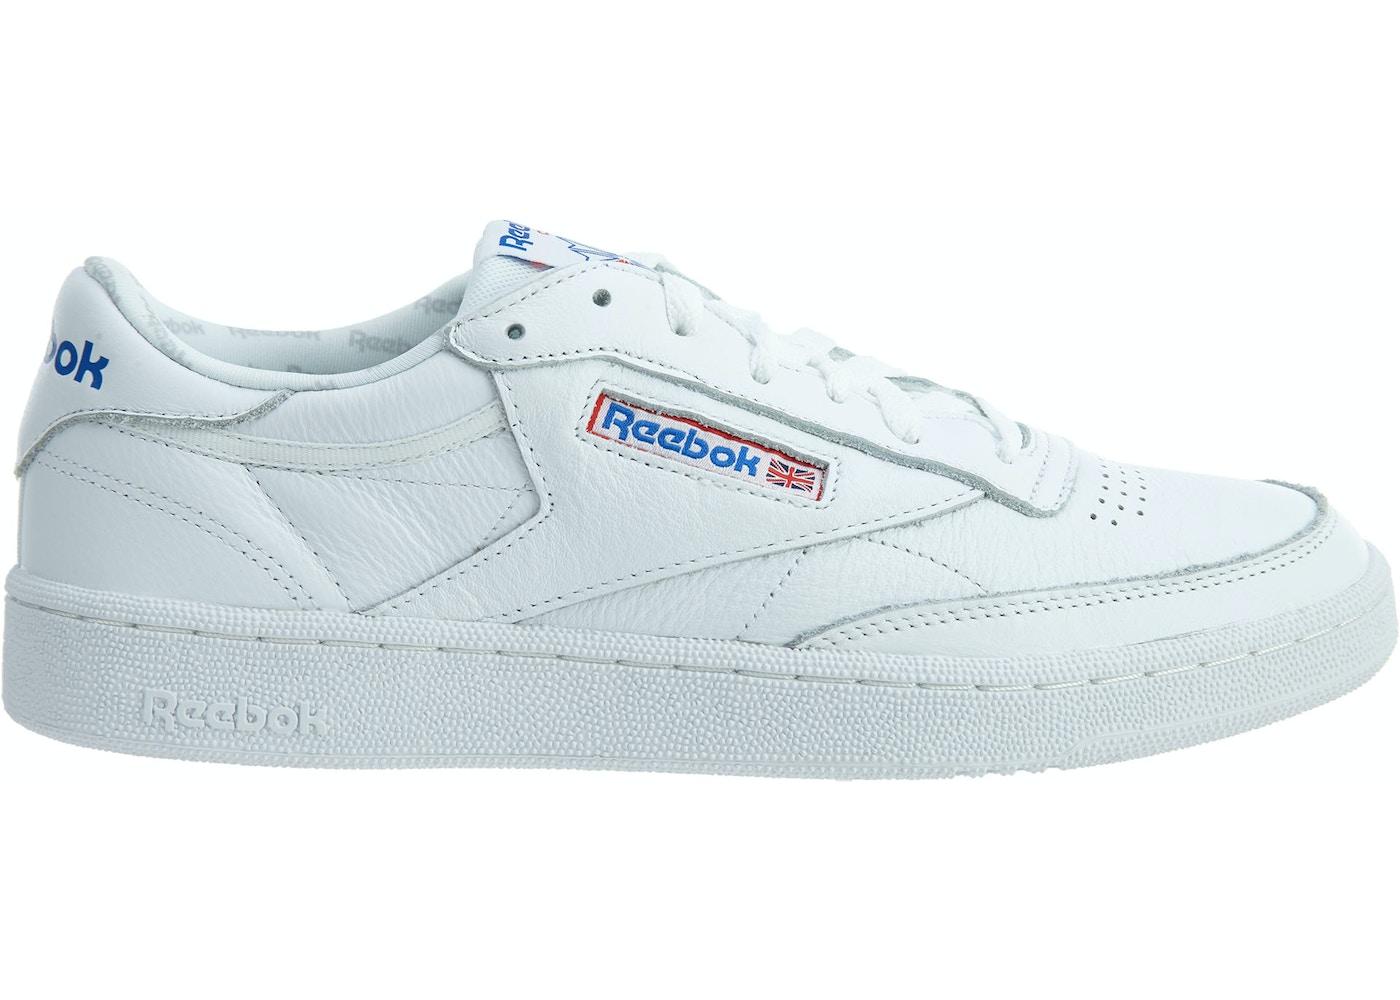 Reebok Club C 85 So White Light Grey Heather Solid Grey Blue